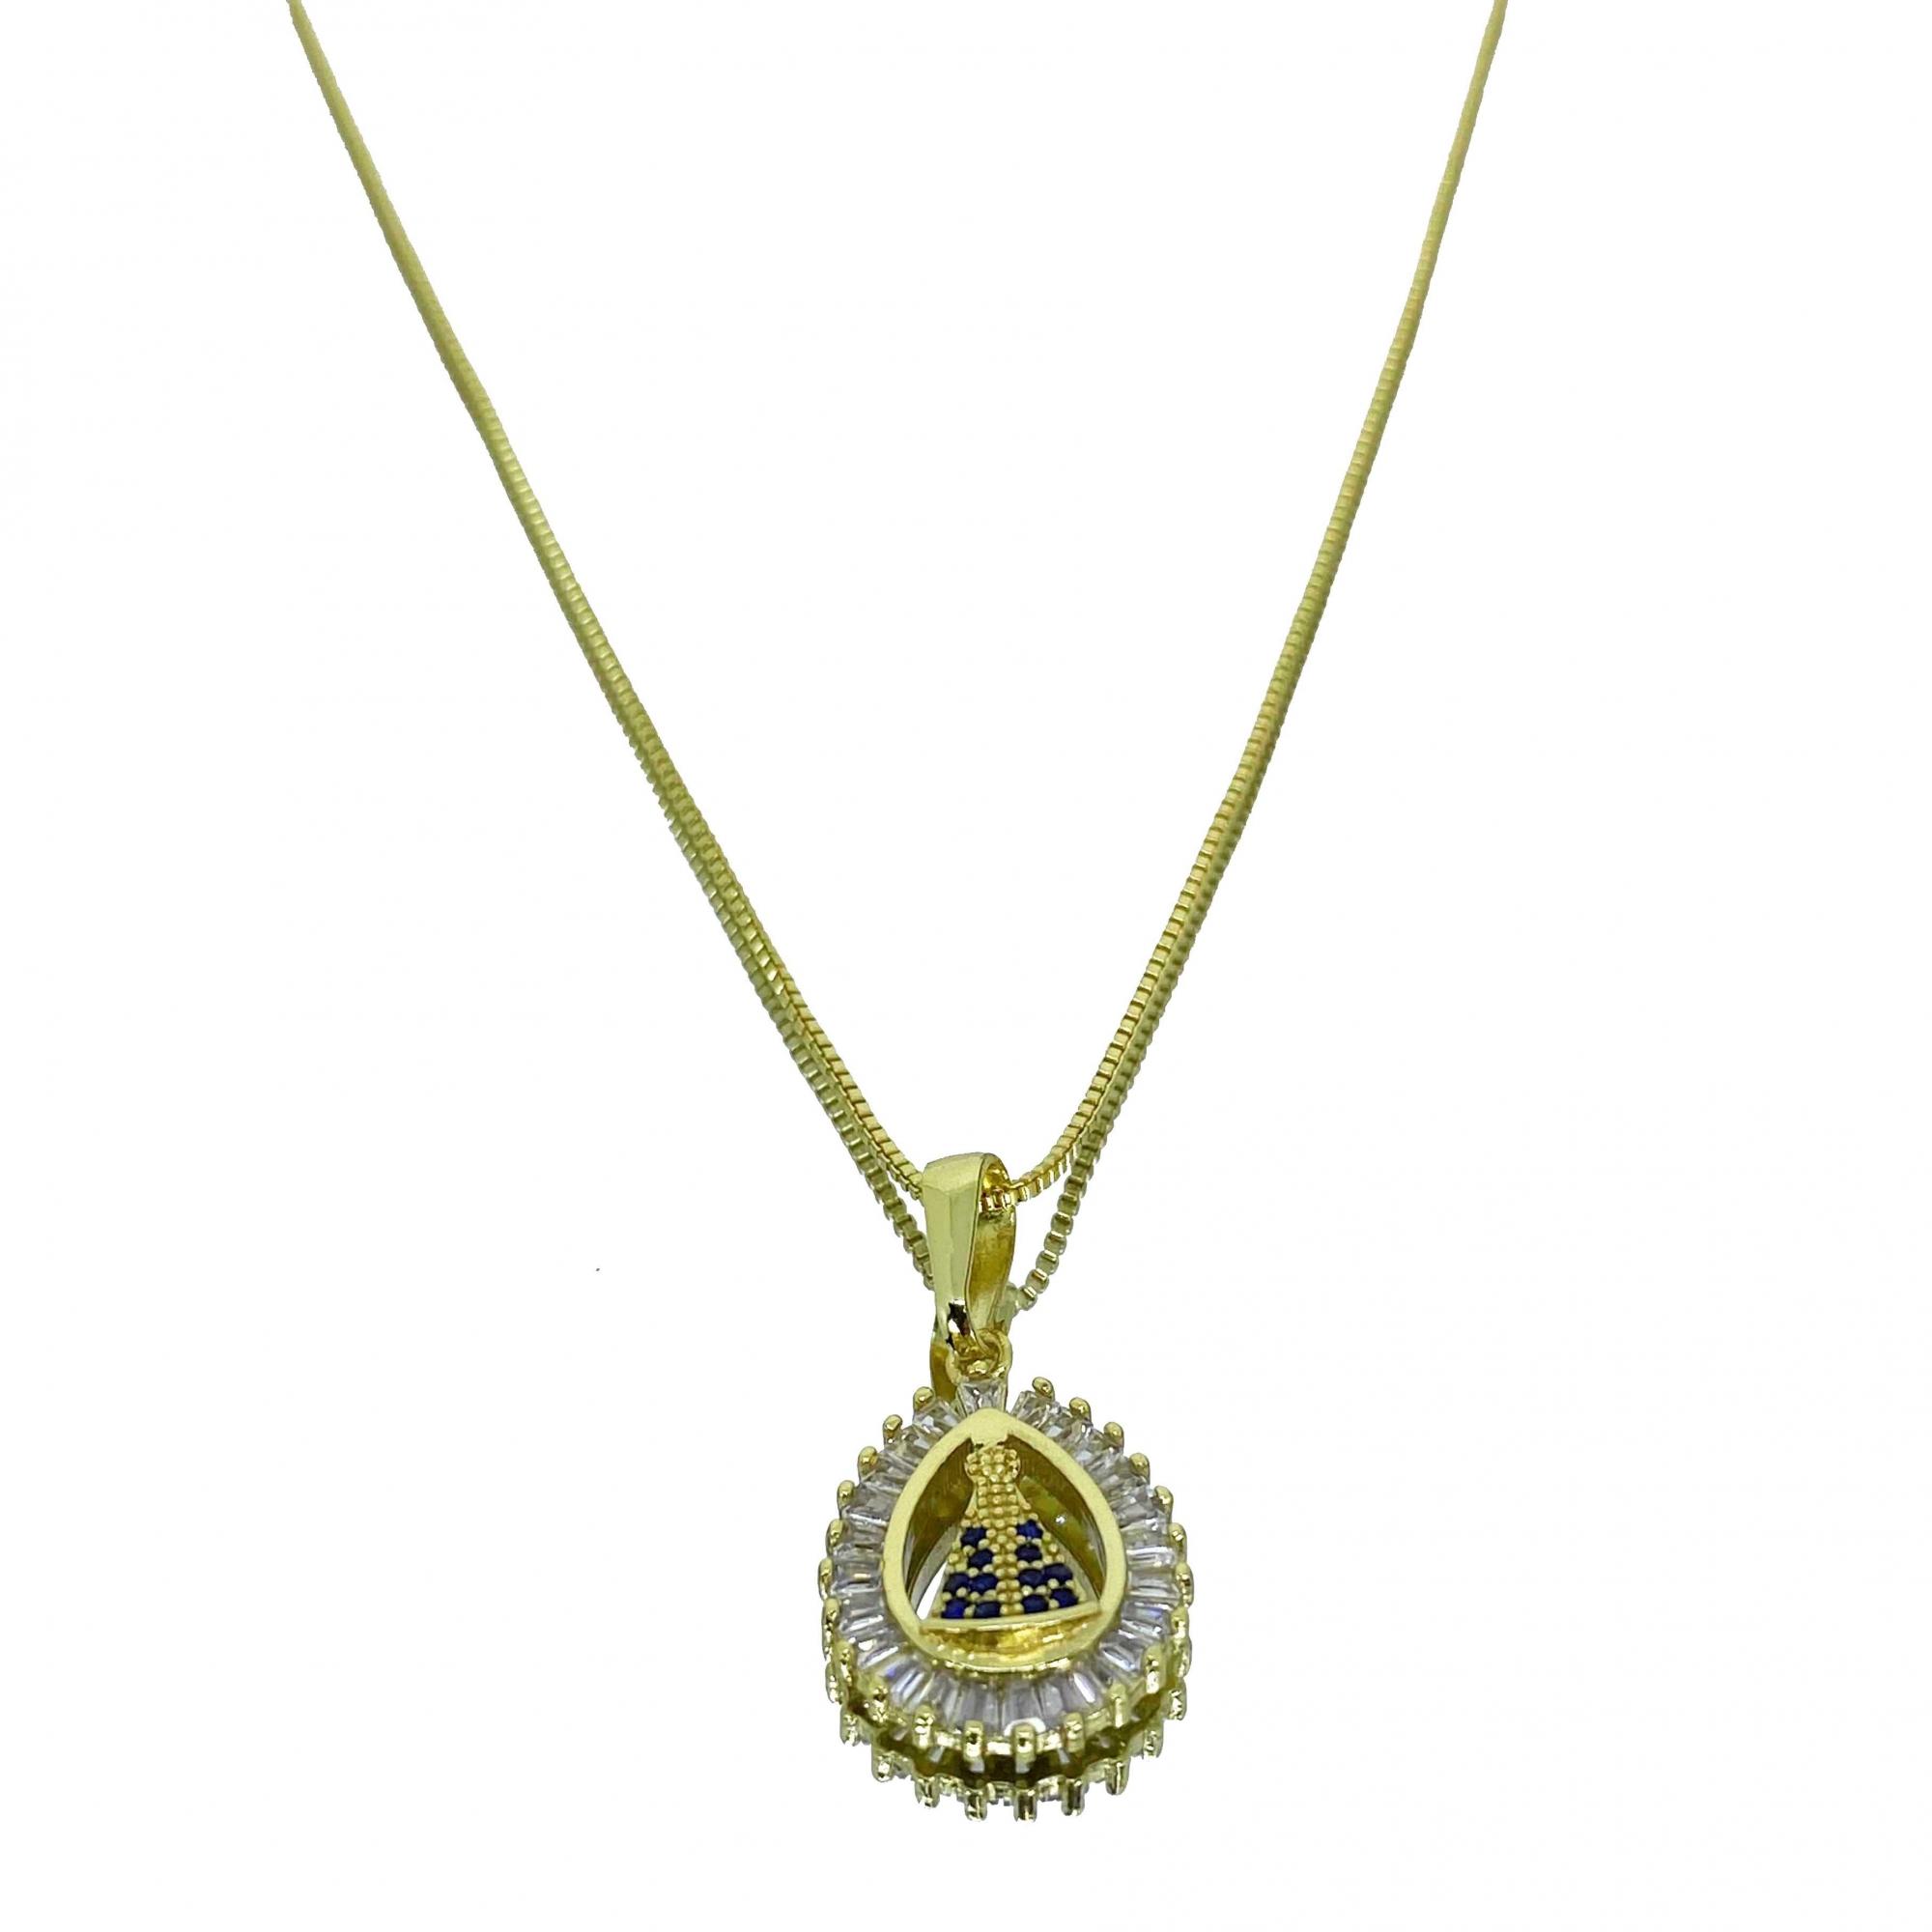 Corrente Veneziana 1,2mm 70cm (5g) (Fecho Tradicional) (Banho Ouro 18k) + Pingente Nossa Senhora Gota 1,6x1.3cm (1,9g) (Banho Ouro 18k)